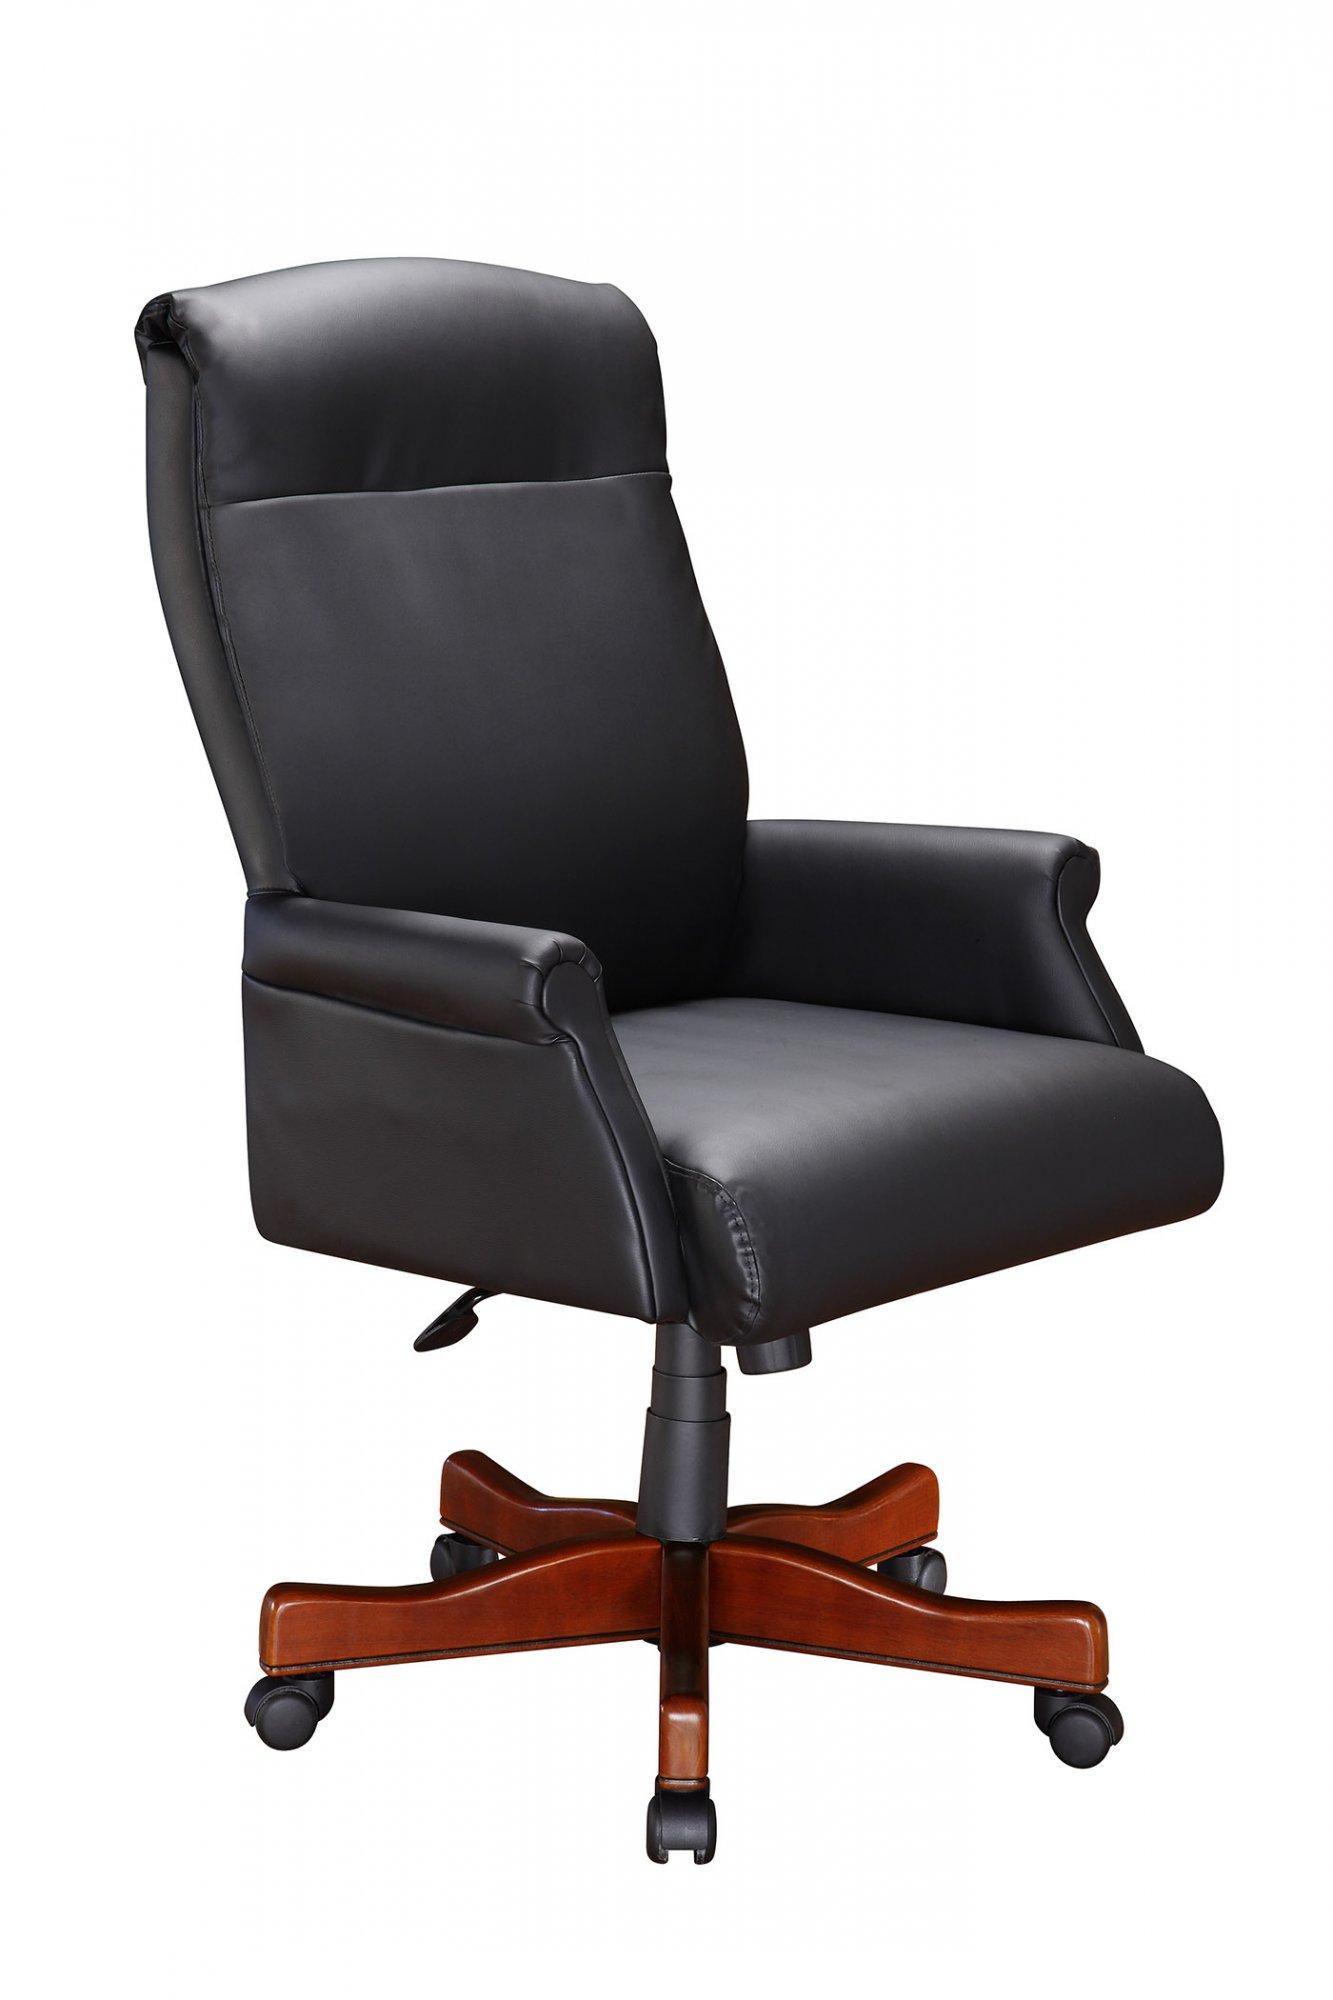 Flexsteel Hadley  Roll Arm Executive Desk Chair